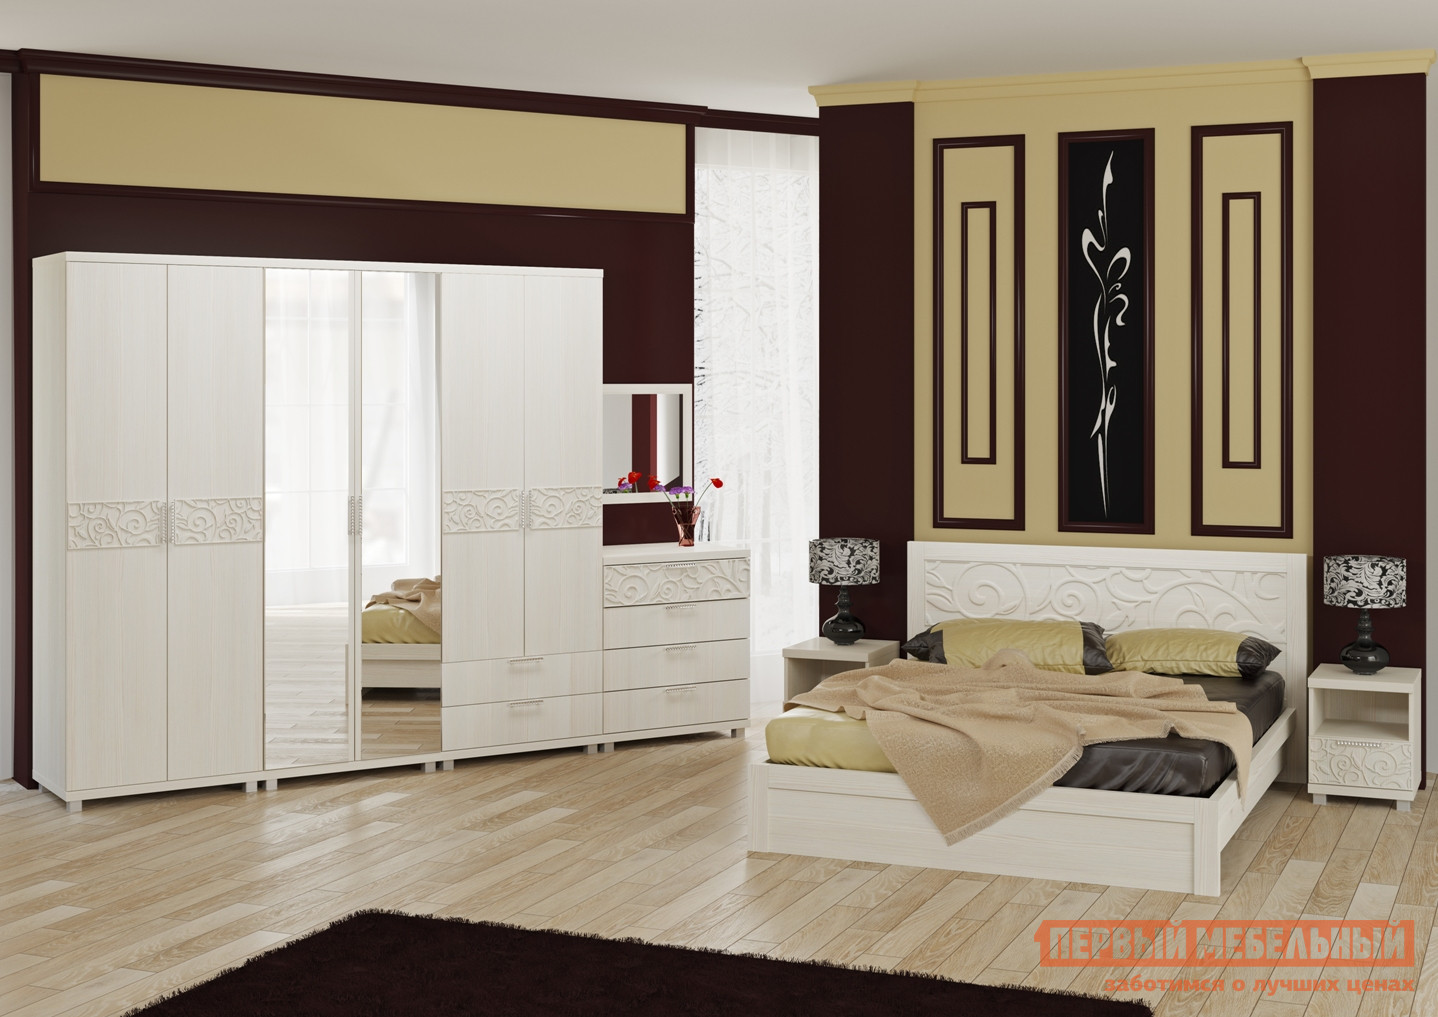 Комплект мебели для спальни ТД Арника Ирис К6 комплект мебели для спальни тд арника амели венге к1